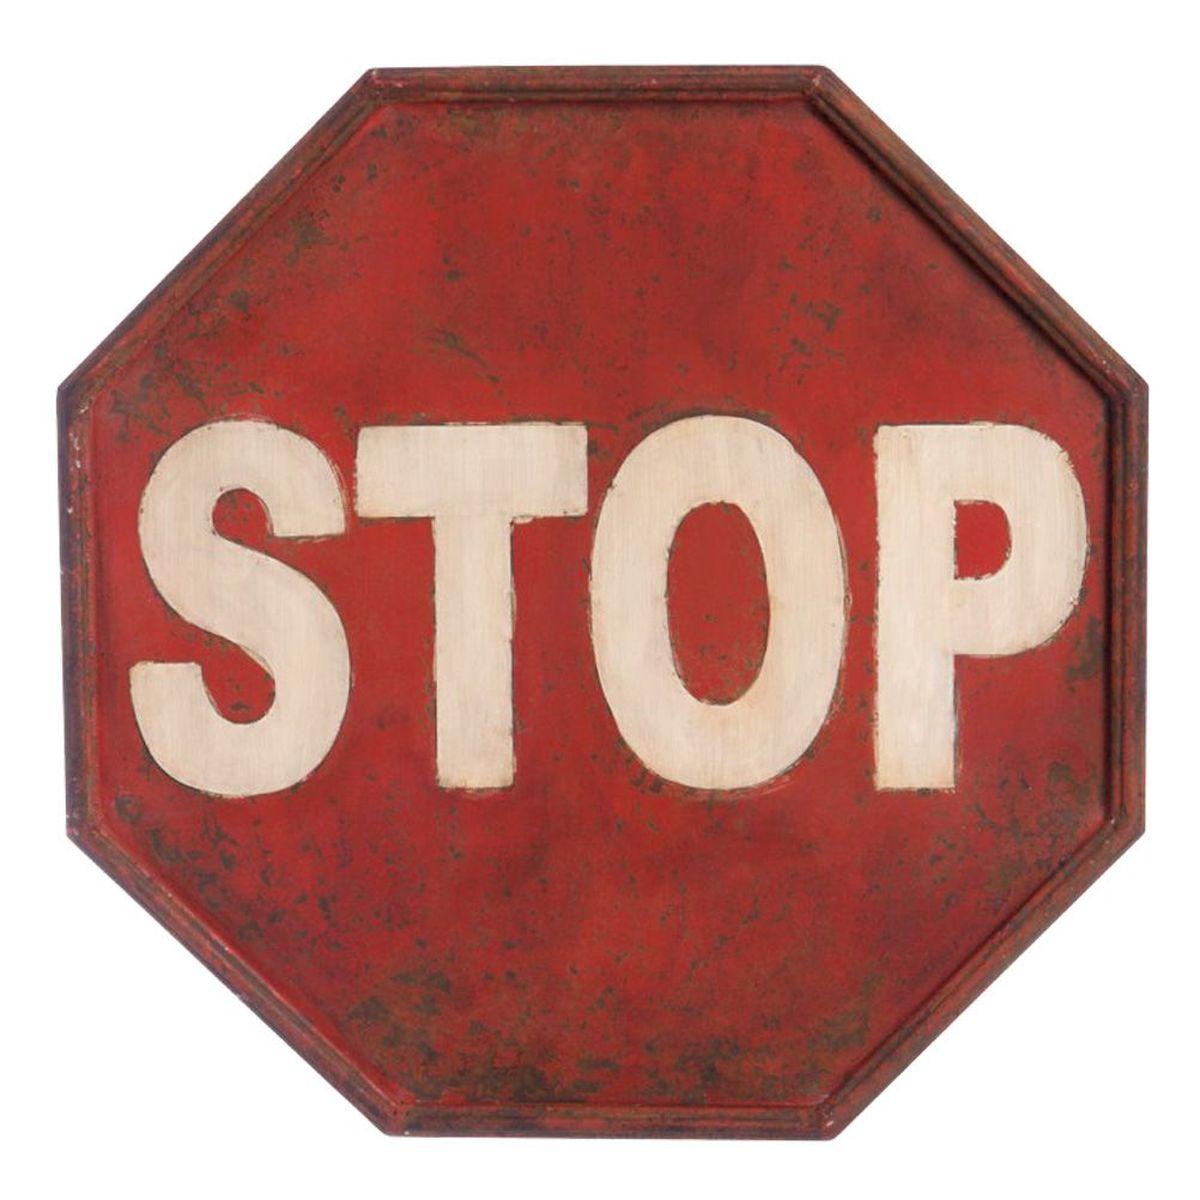 panneau stop patin plaque d corative r tro en m tal 40 x 40 cm. Black Bedroom Furniture Sets. Home Design Ideas